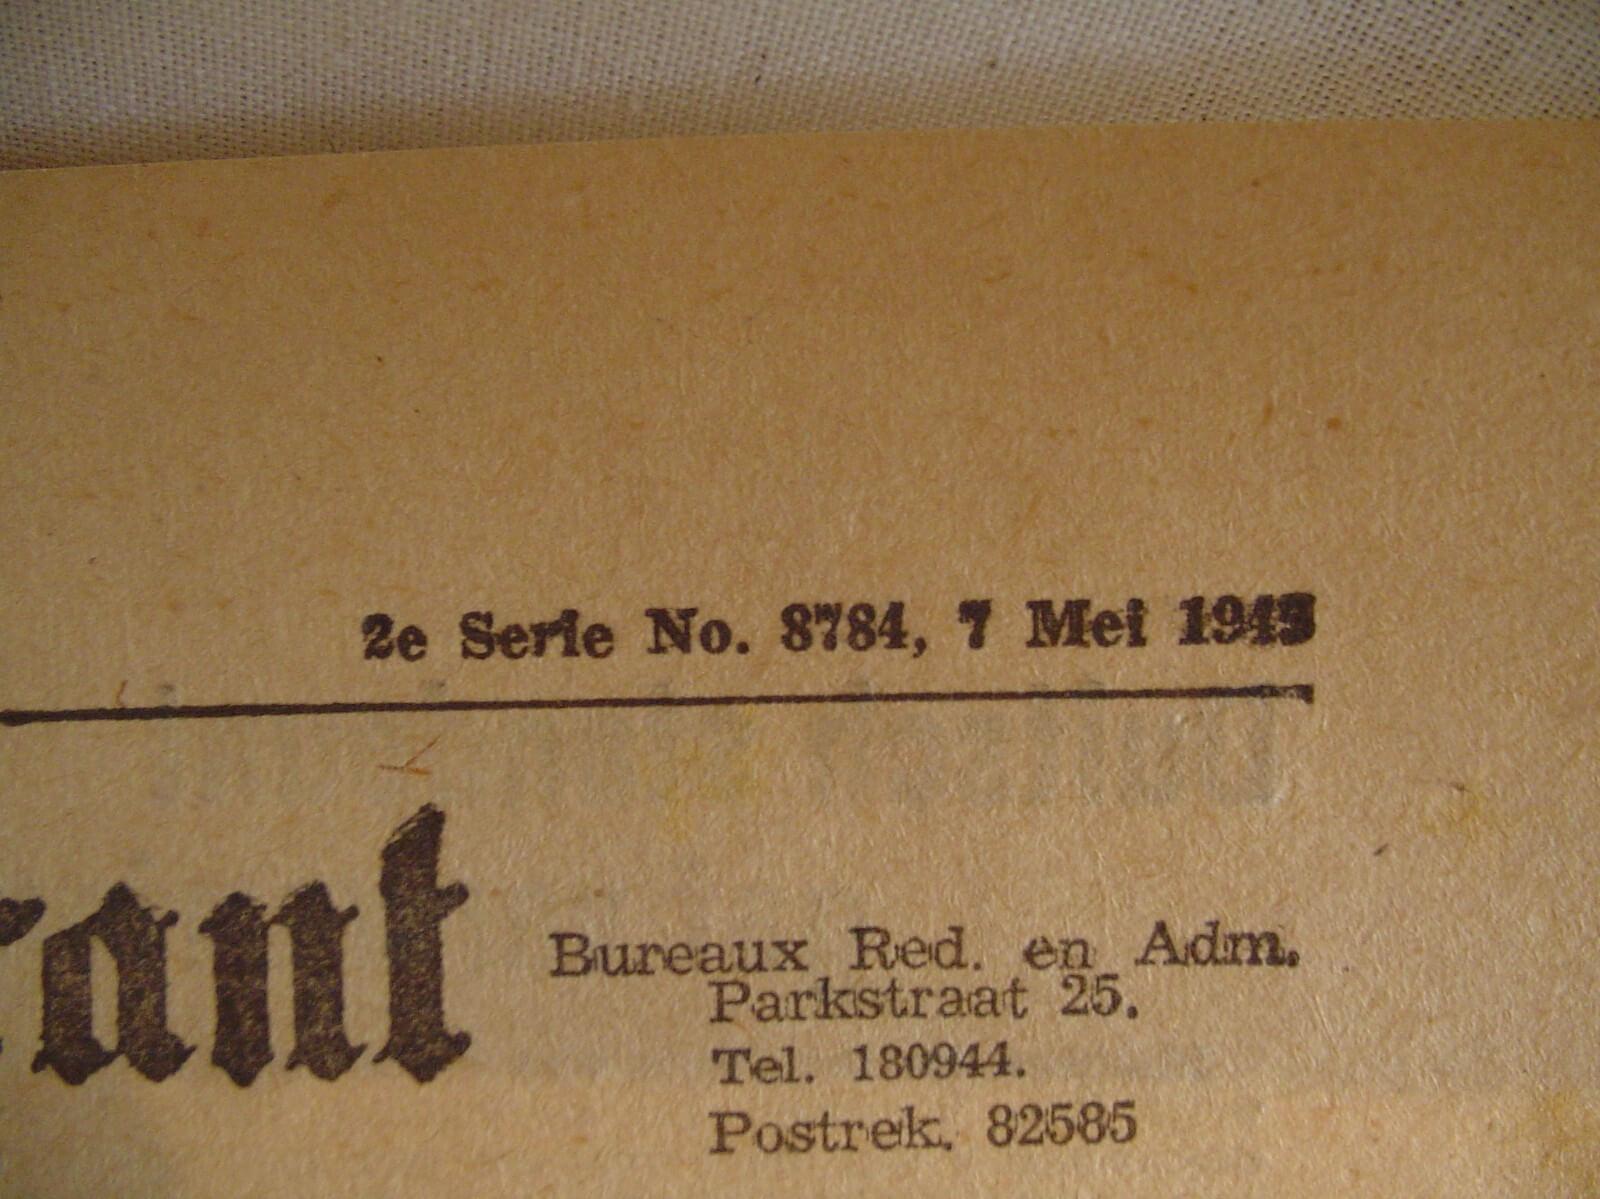 Kranten bevrijding de tweede wereldoorlog krant wo2 mei 1945